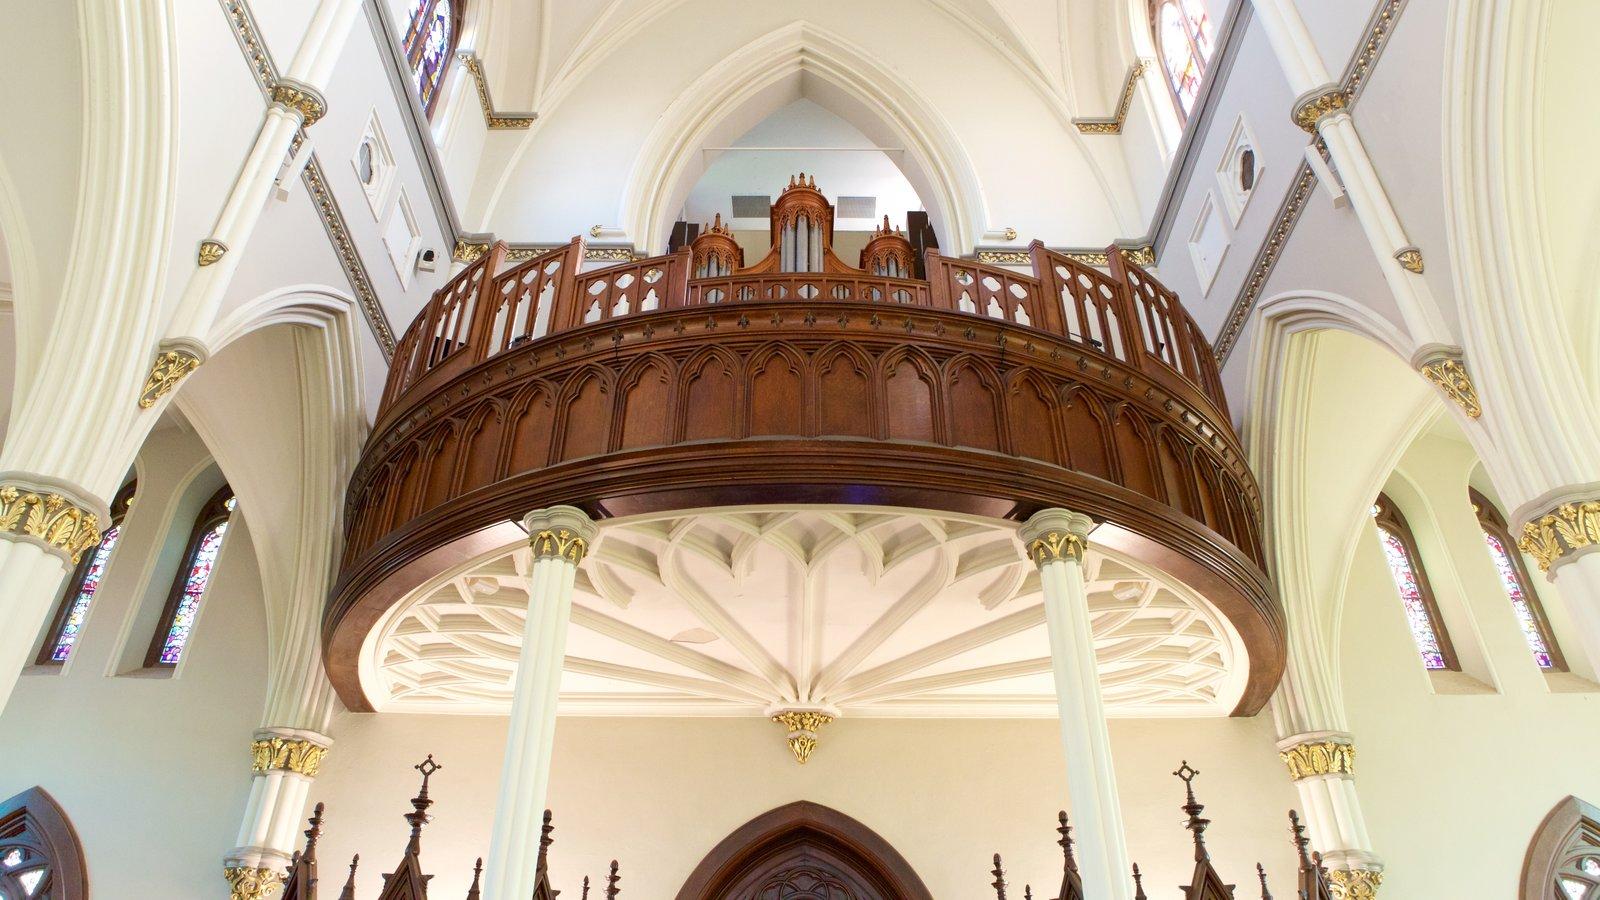 Charleston que inclui vistas internas, uma igreja ou catedral e elementos de patrimônio